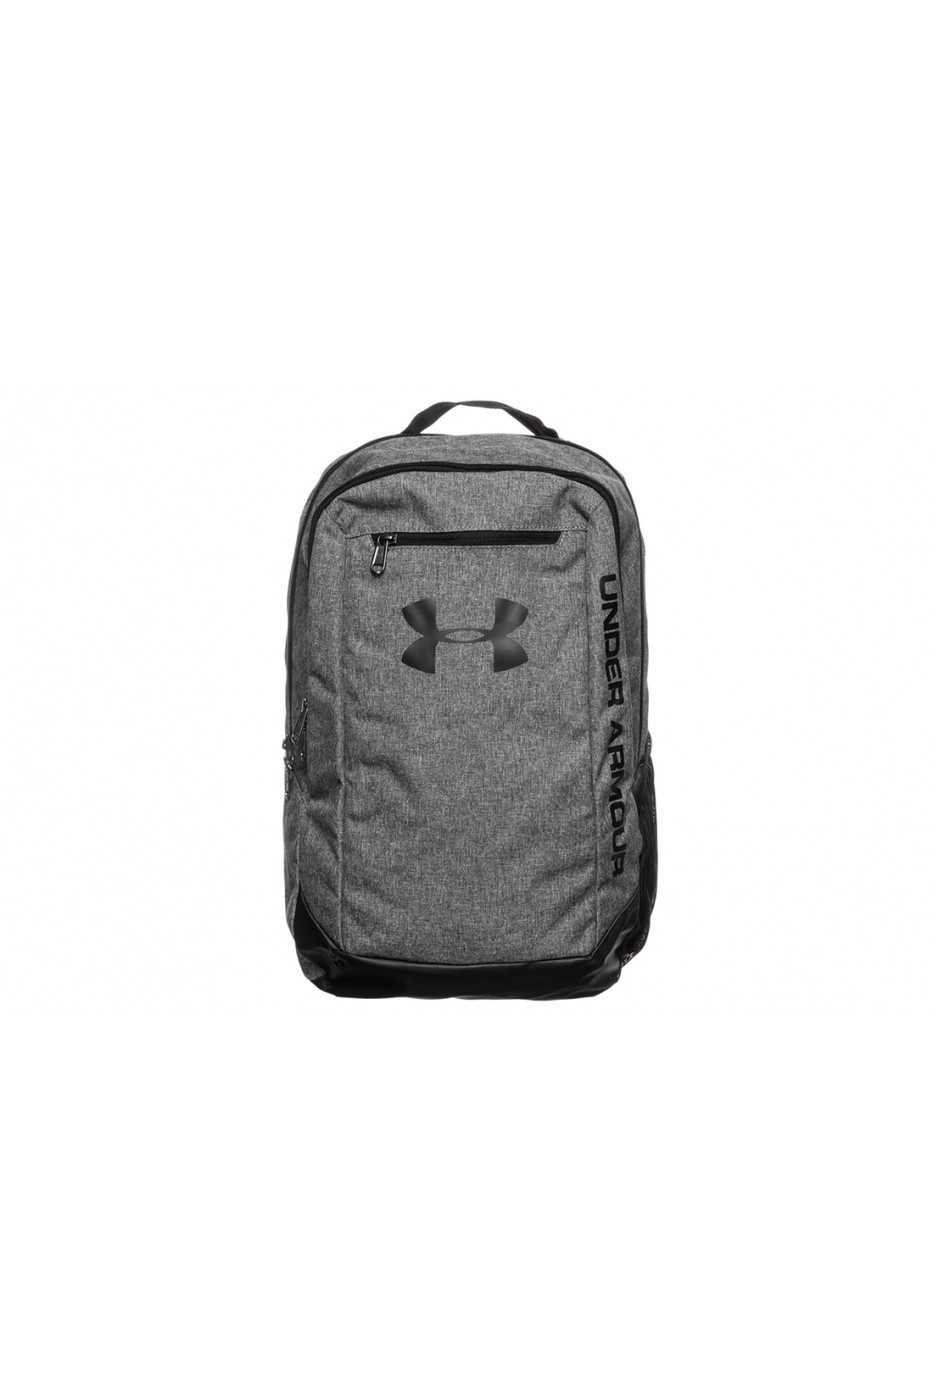 b280a36e651c Rucsac pentru barbati Under Armour UA Hustle Backpack LDWR 1273274-041